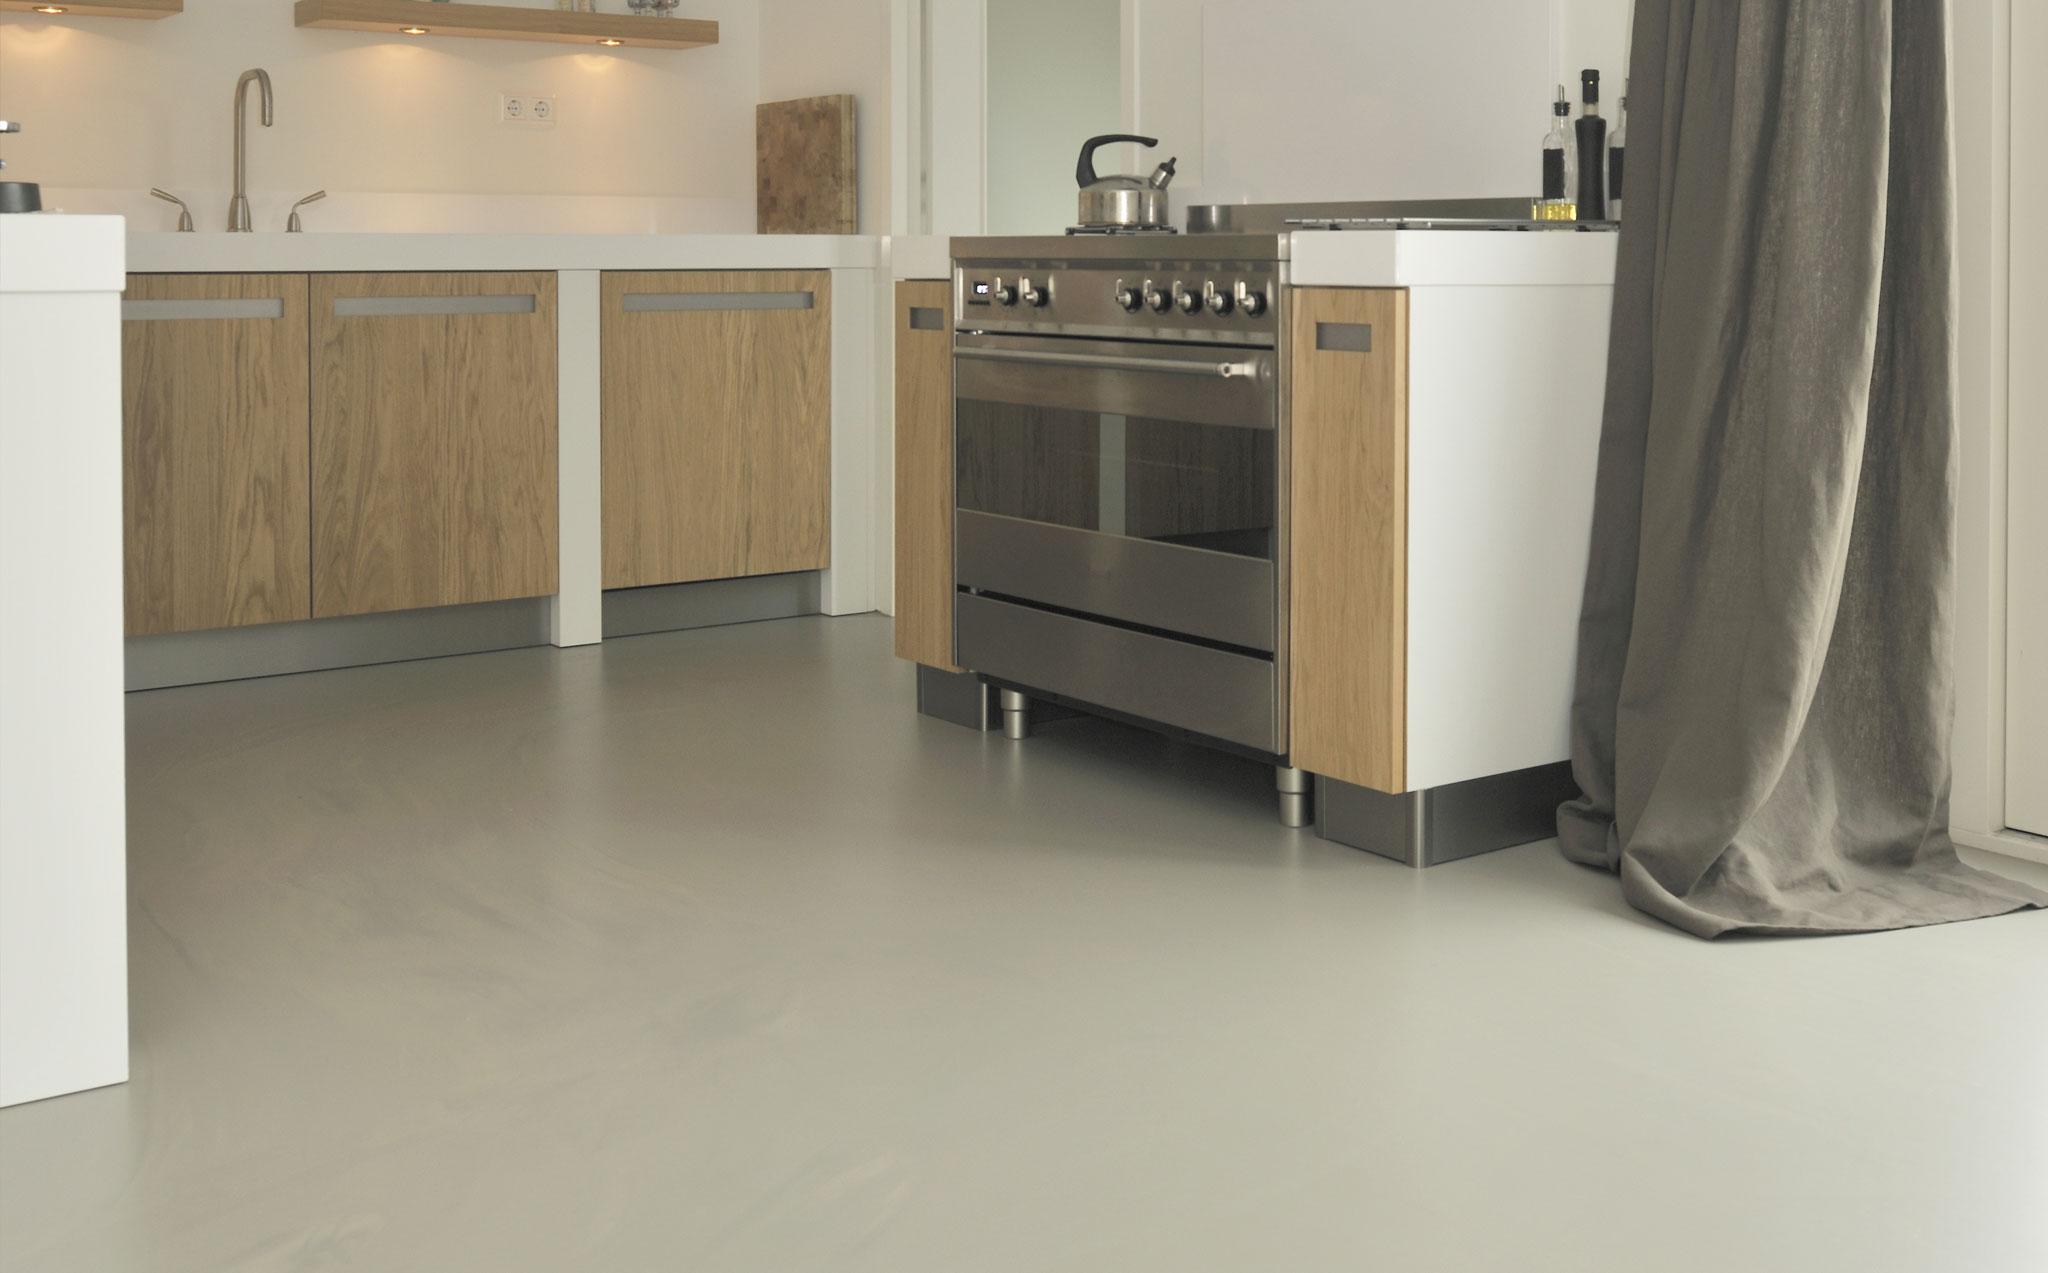 Gietvloer Kitchens Keuken : Gietvloer keuken residential flooring by bolidt residential